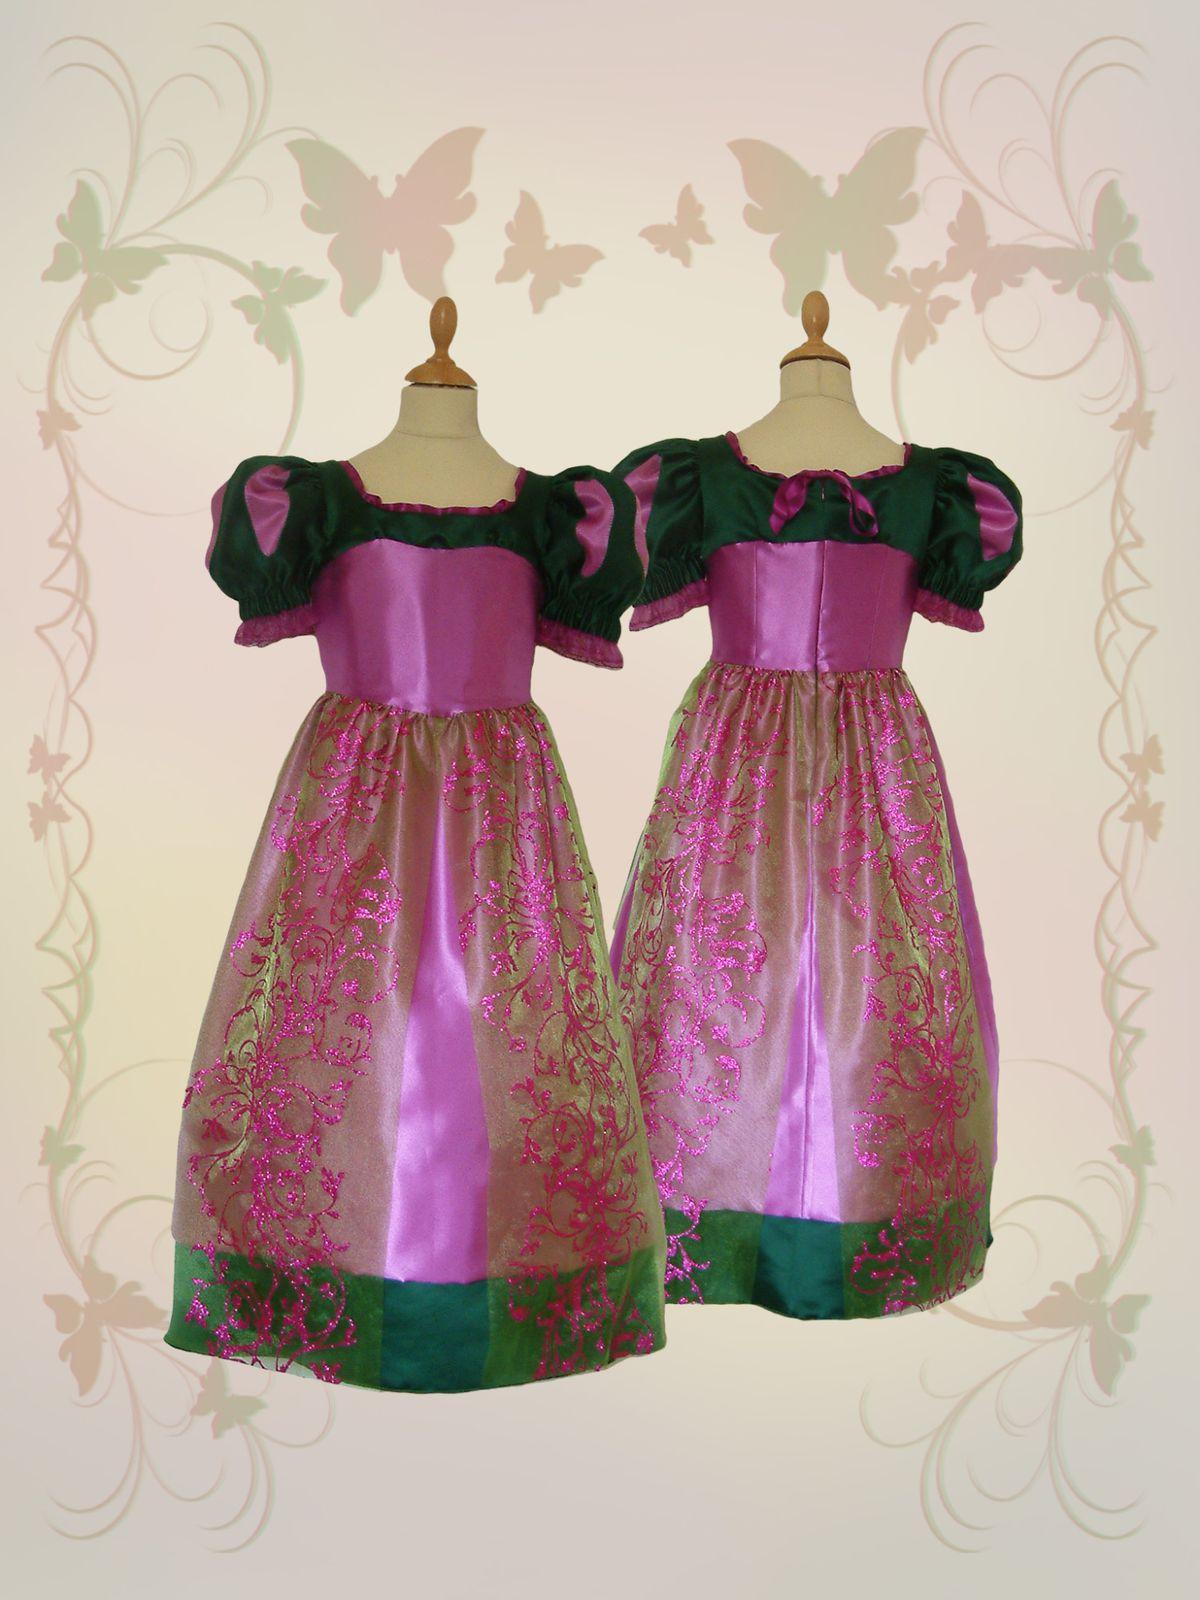 Pour une Princesses qui aime se costumer, une robe qui fait rêver.En taille 3/4, 5/6, 7/8, et 9/10 ans,sur commande pour les autres tailles.Le barème des tailles se trouve dans Divers/Guides des tailles.Pour toutes autres questions, n'hésitez